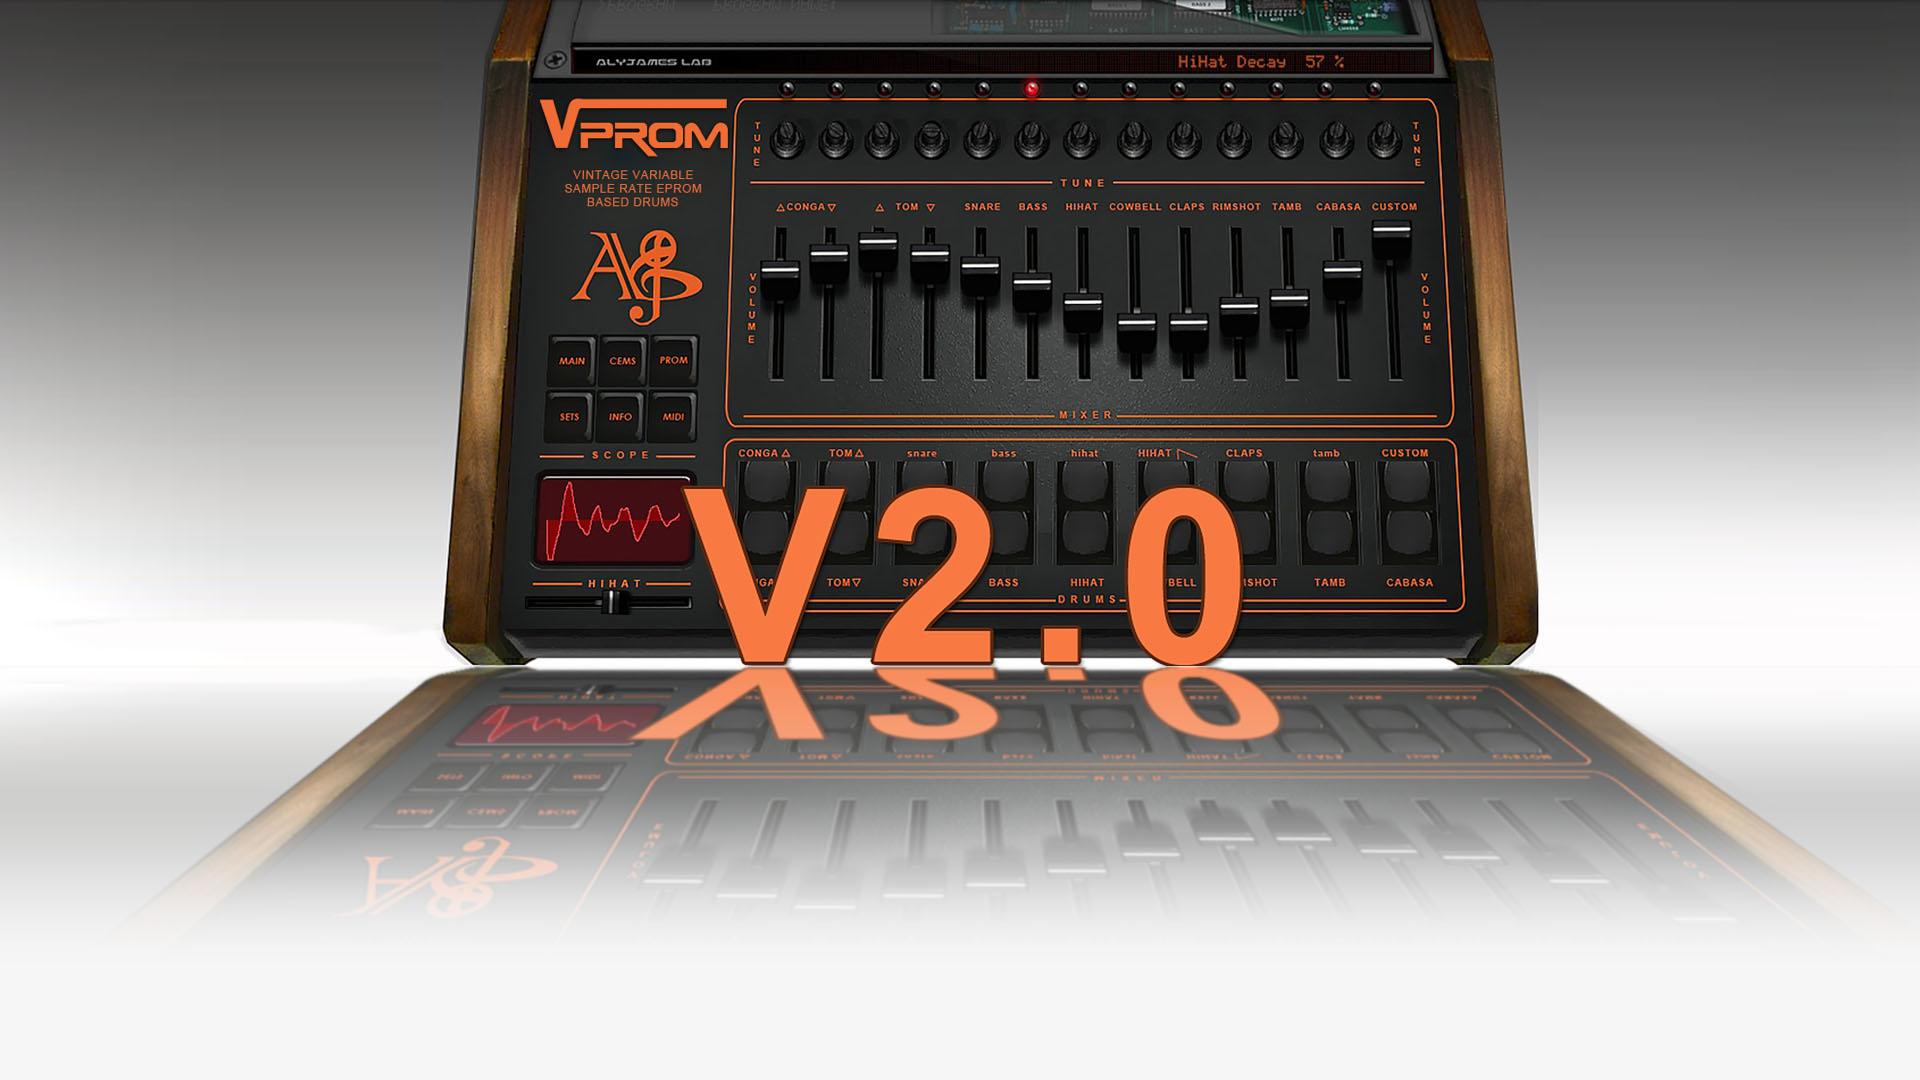 ALYJAMES LAB | ALY JAMES LAB VPROM 2 0 VST --- VPROM VST